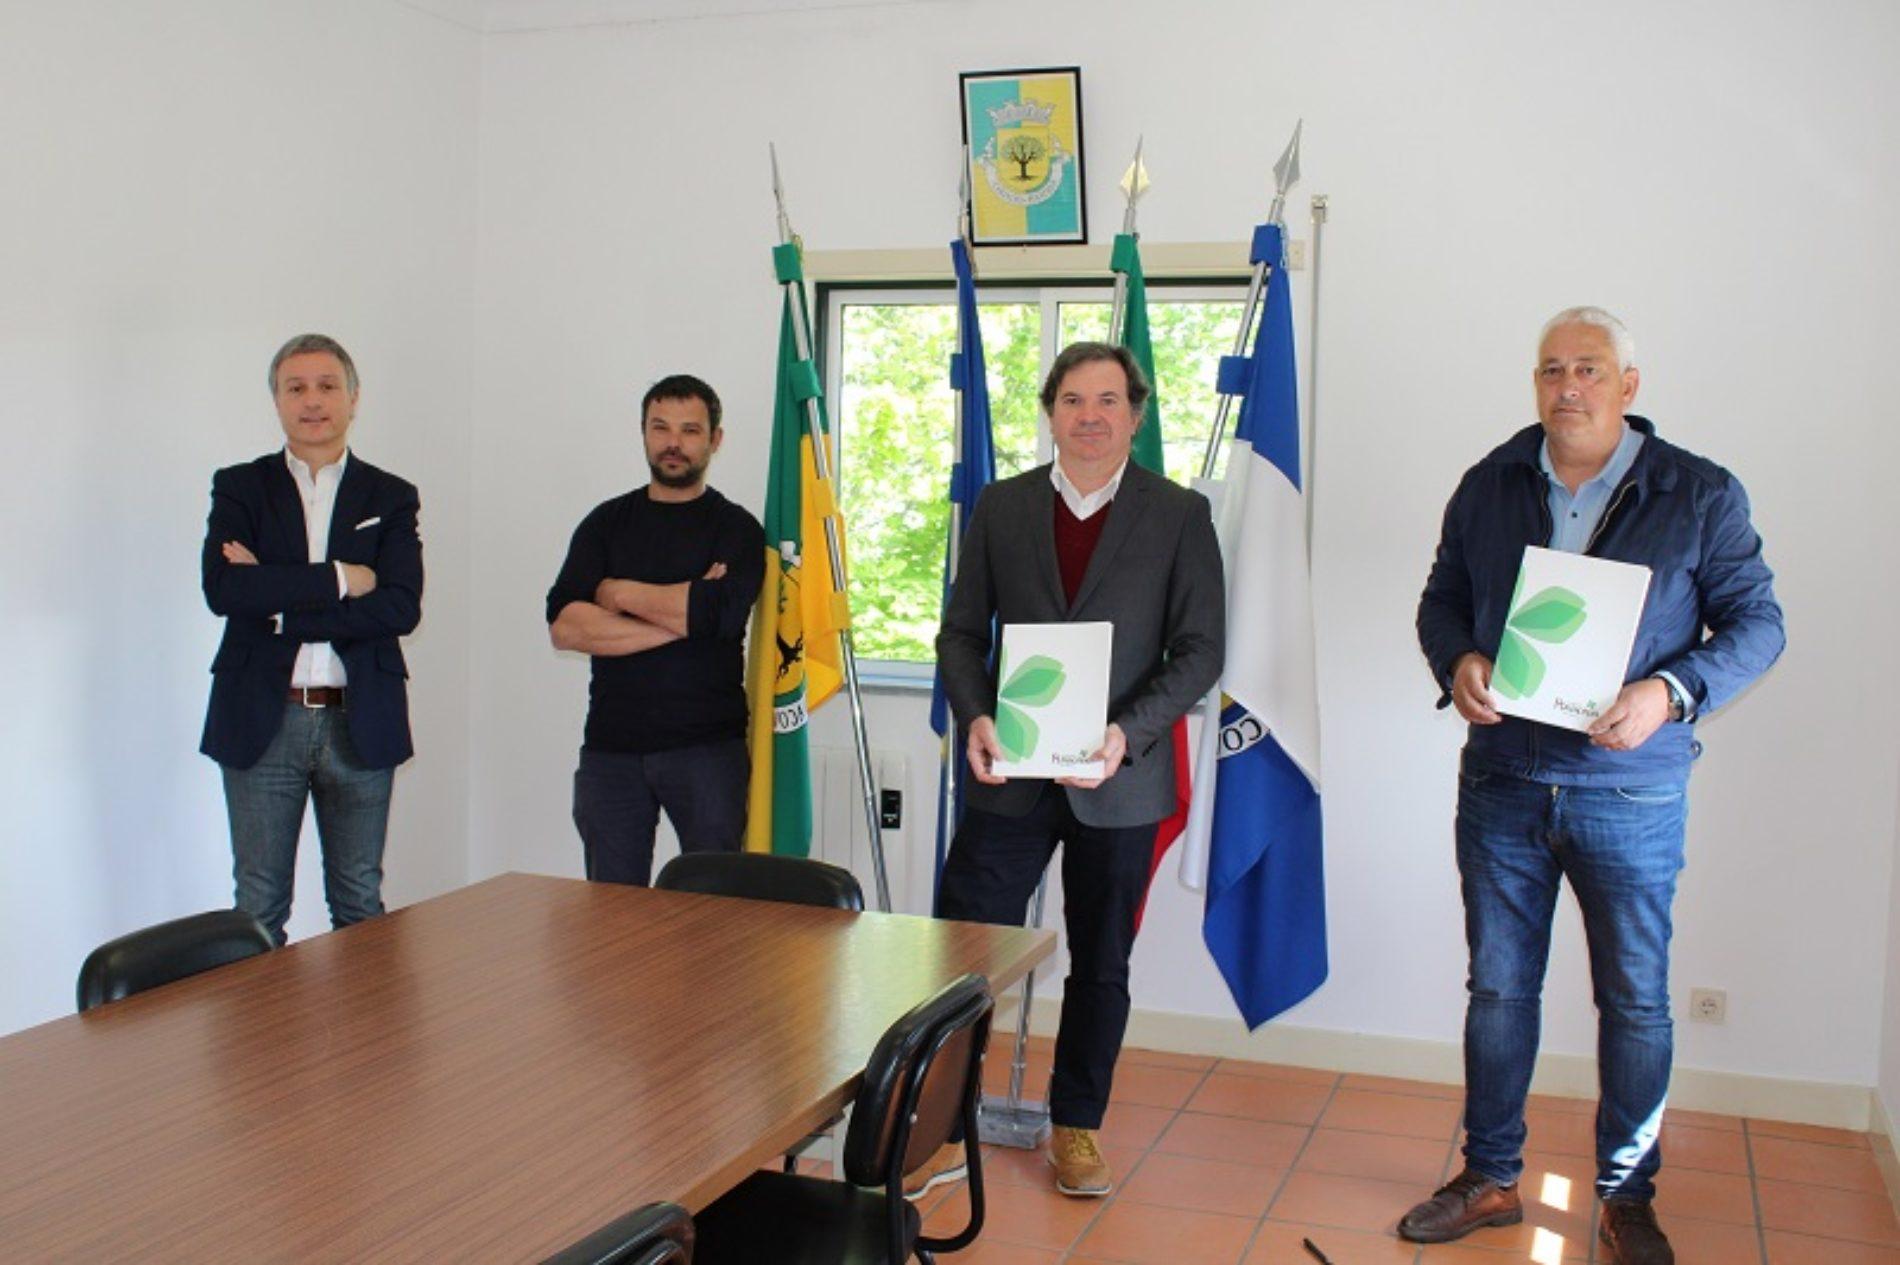 Penacova: Investimento superior a 1,5 milhões em pavimentações na freguesia de Carvalho